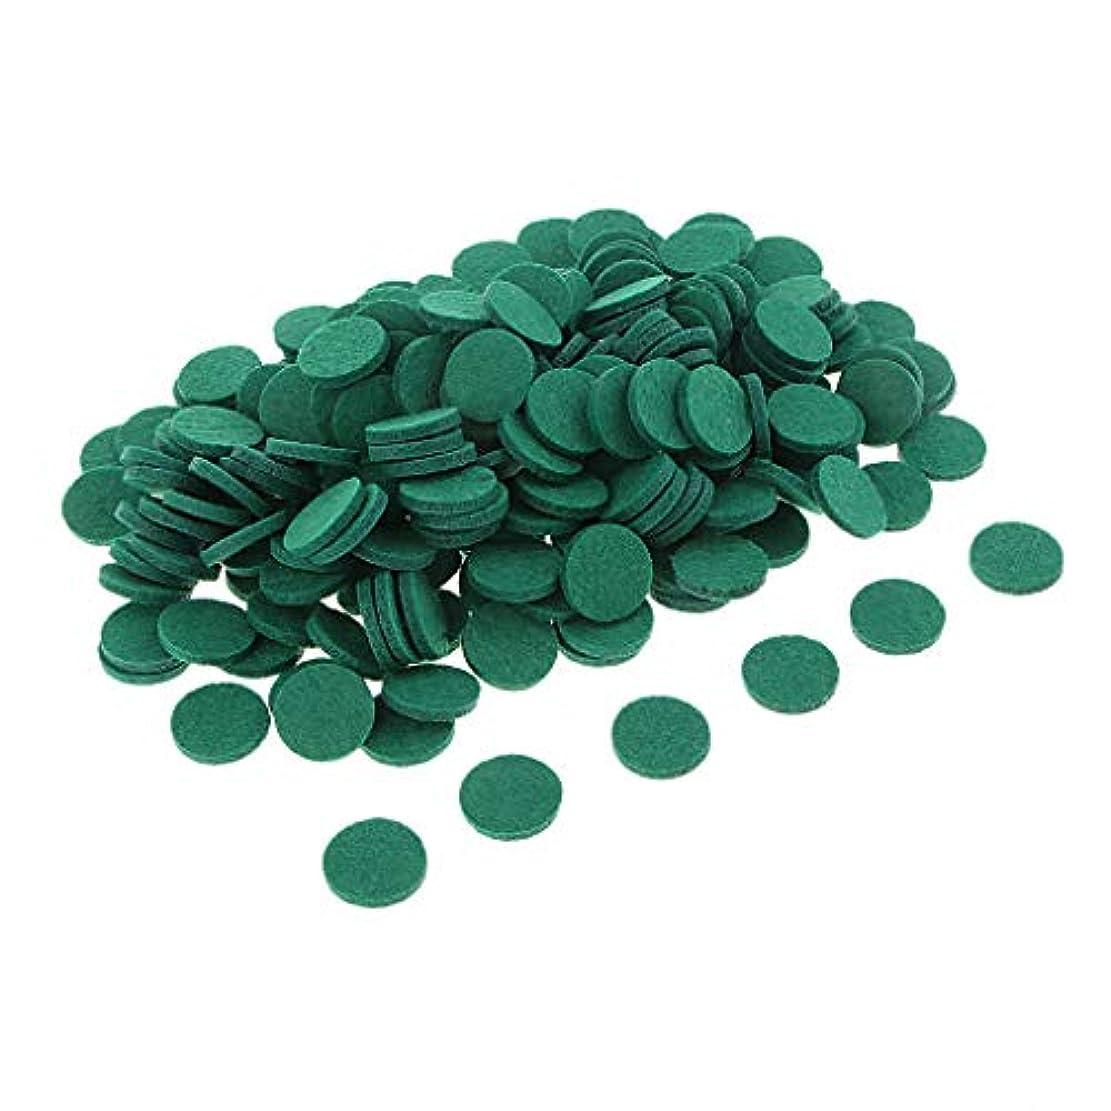 滝雇用者計算精油付き ロマテラピー用オイルパッド チェアマット 交換用 香水 精油 車 全11色 約200個入り - 緑